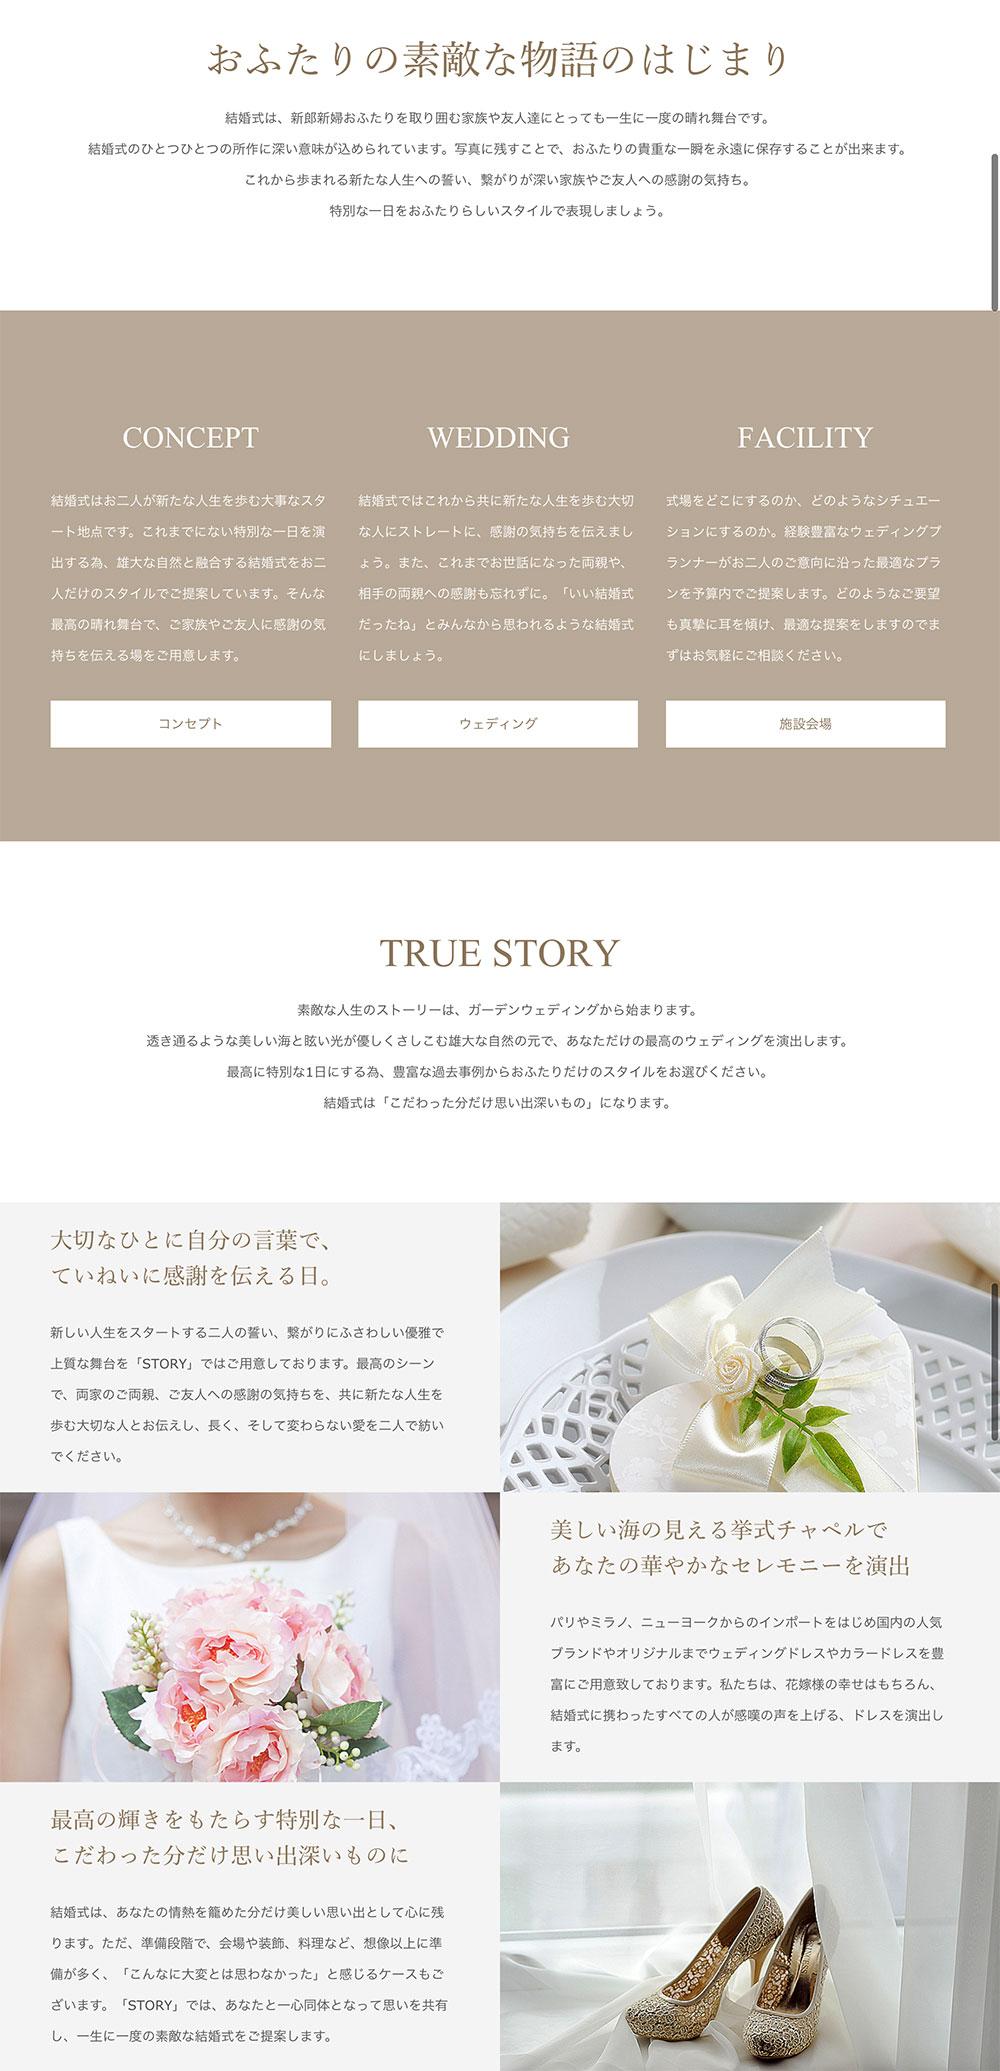 STORY トップページ